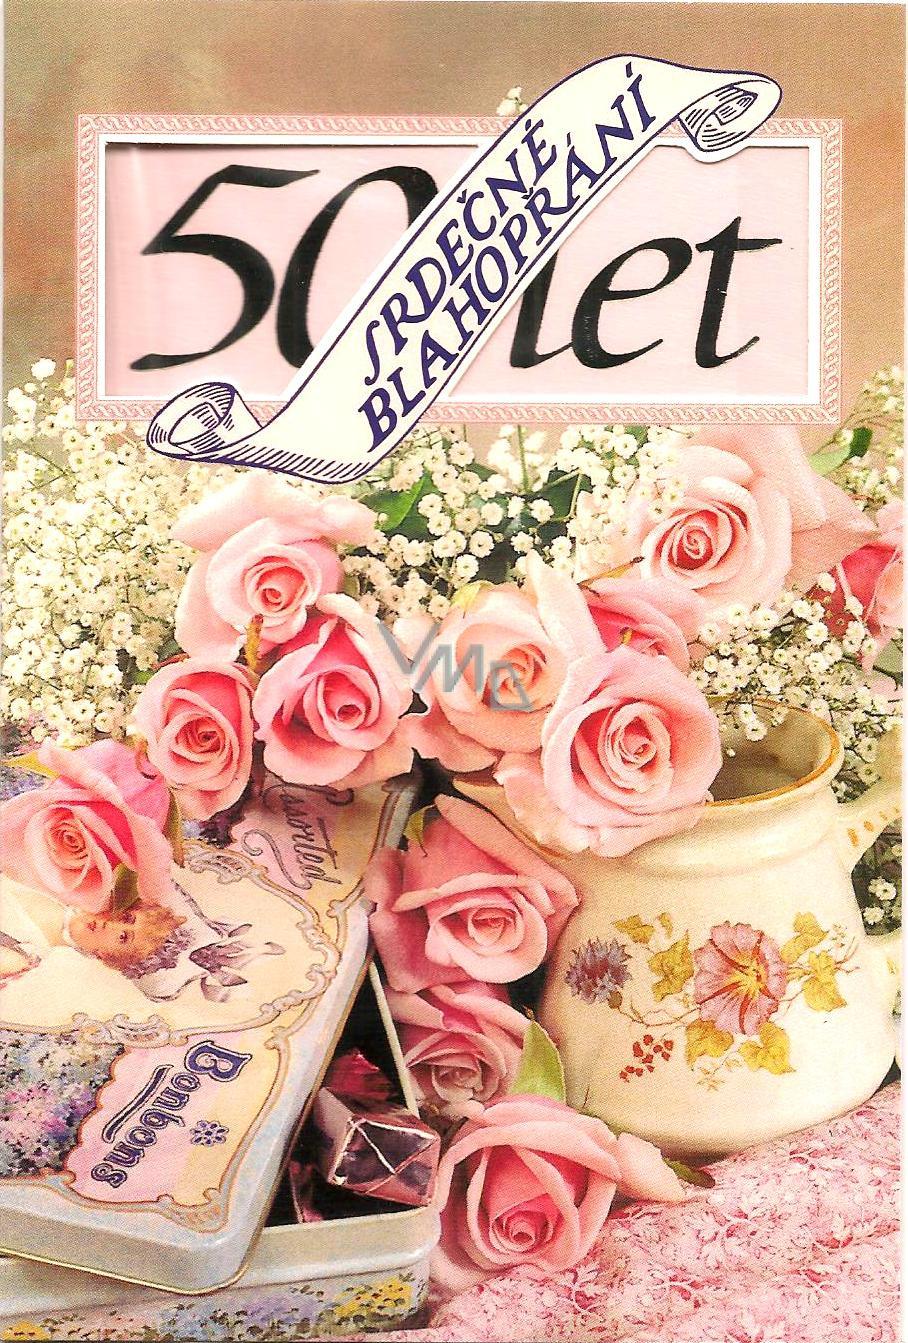 přání k narozeninám 50 Nekupto Přání k narozeninám 50 let   VMD parfumerie   drogerie přání k narozeninám 50